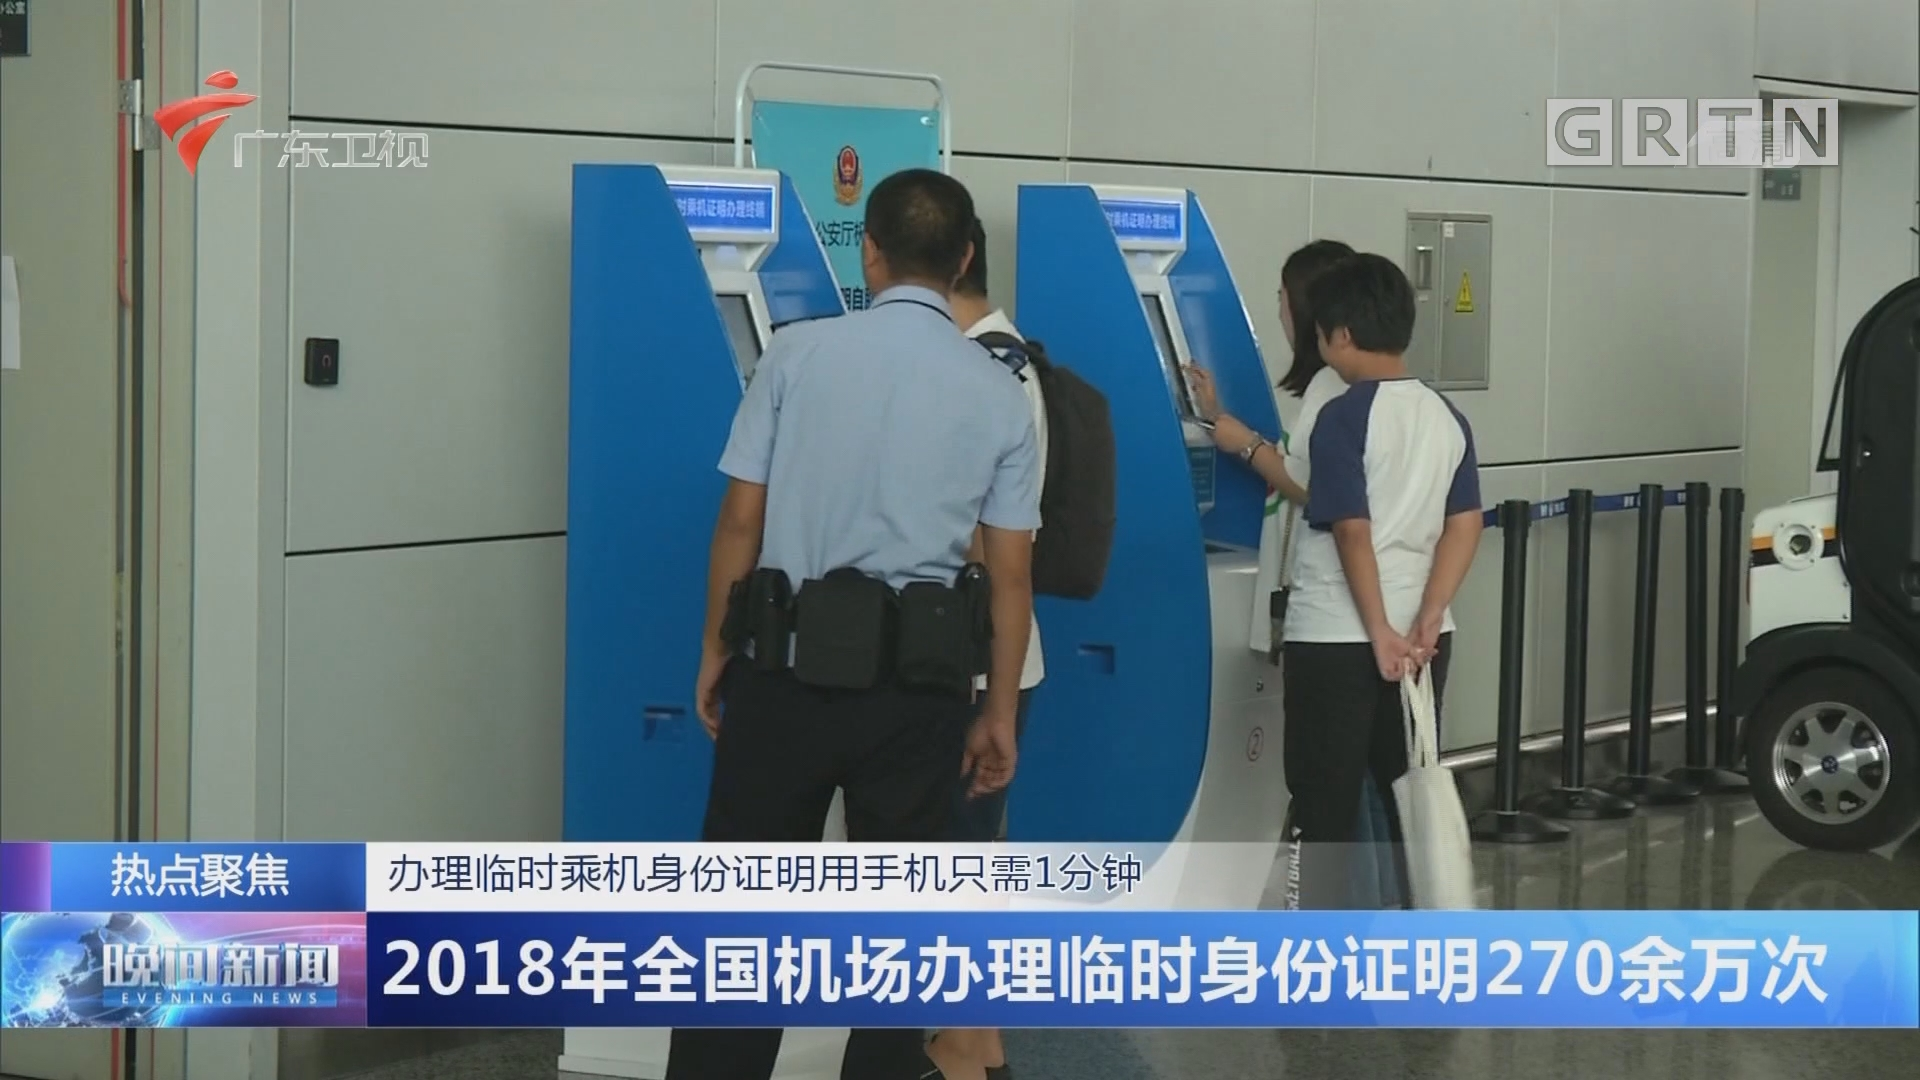 办理临时乘机身份证明用手机只需1分钟 2018年全国机场办理临时身份证明270余万次